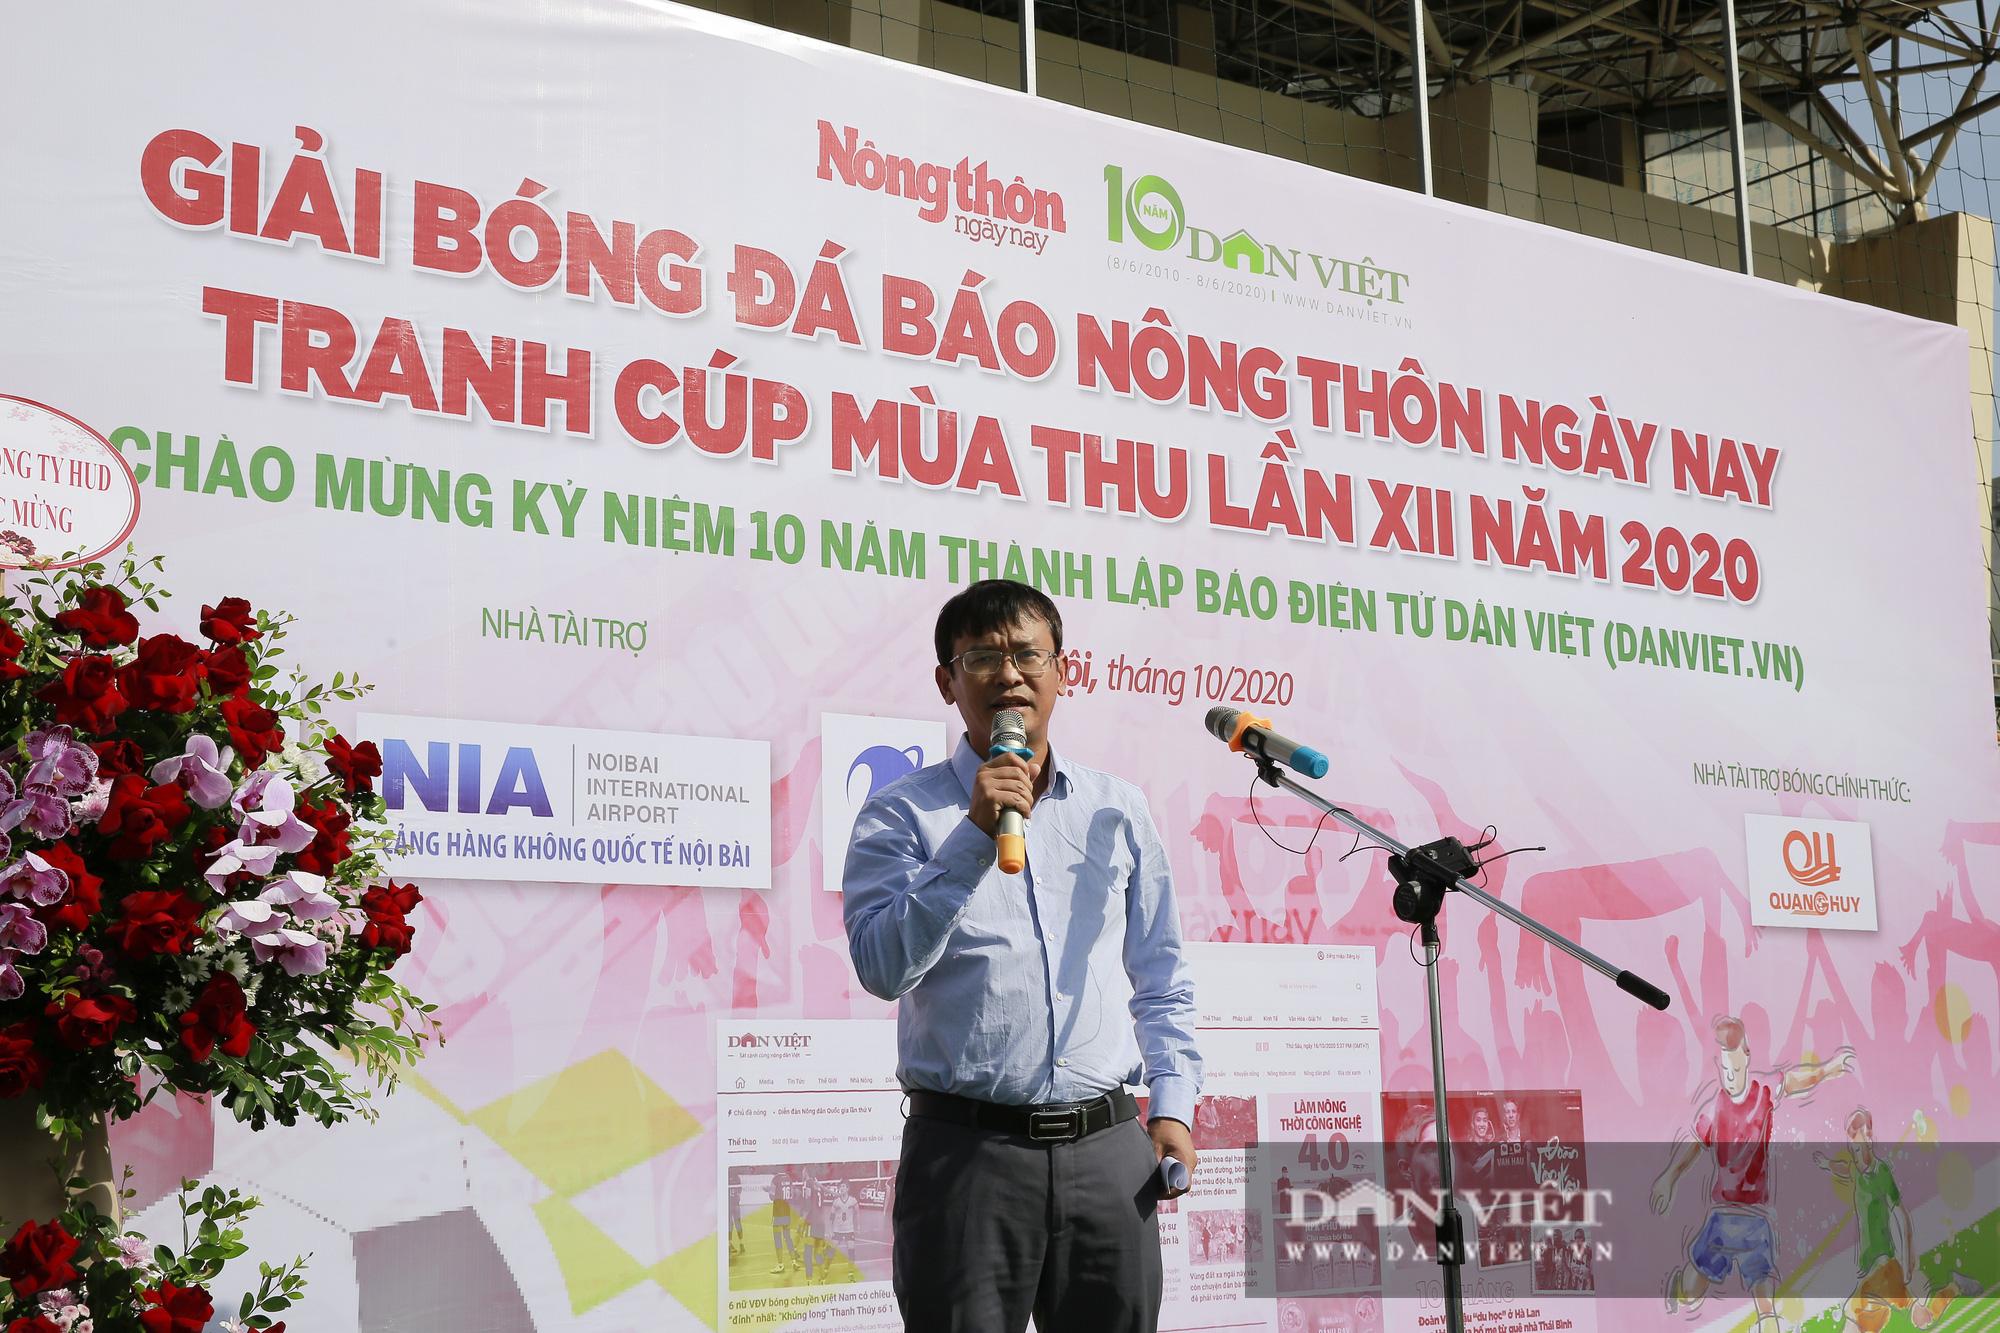 Giải bóng đá báo Nông thôn Ngày nay/Dân Việt lần thứ 12 chính thức khởi tranh - Ảnh 5.